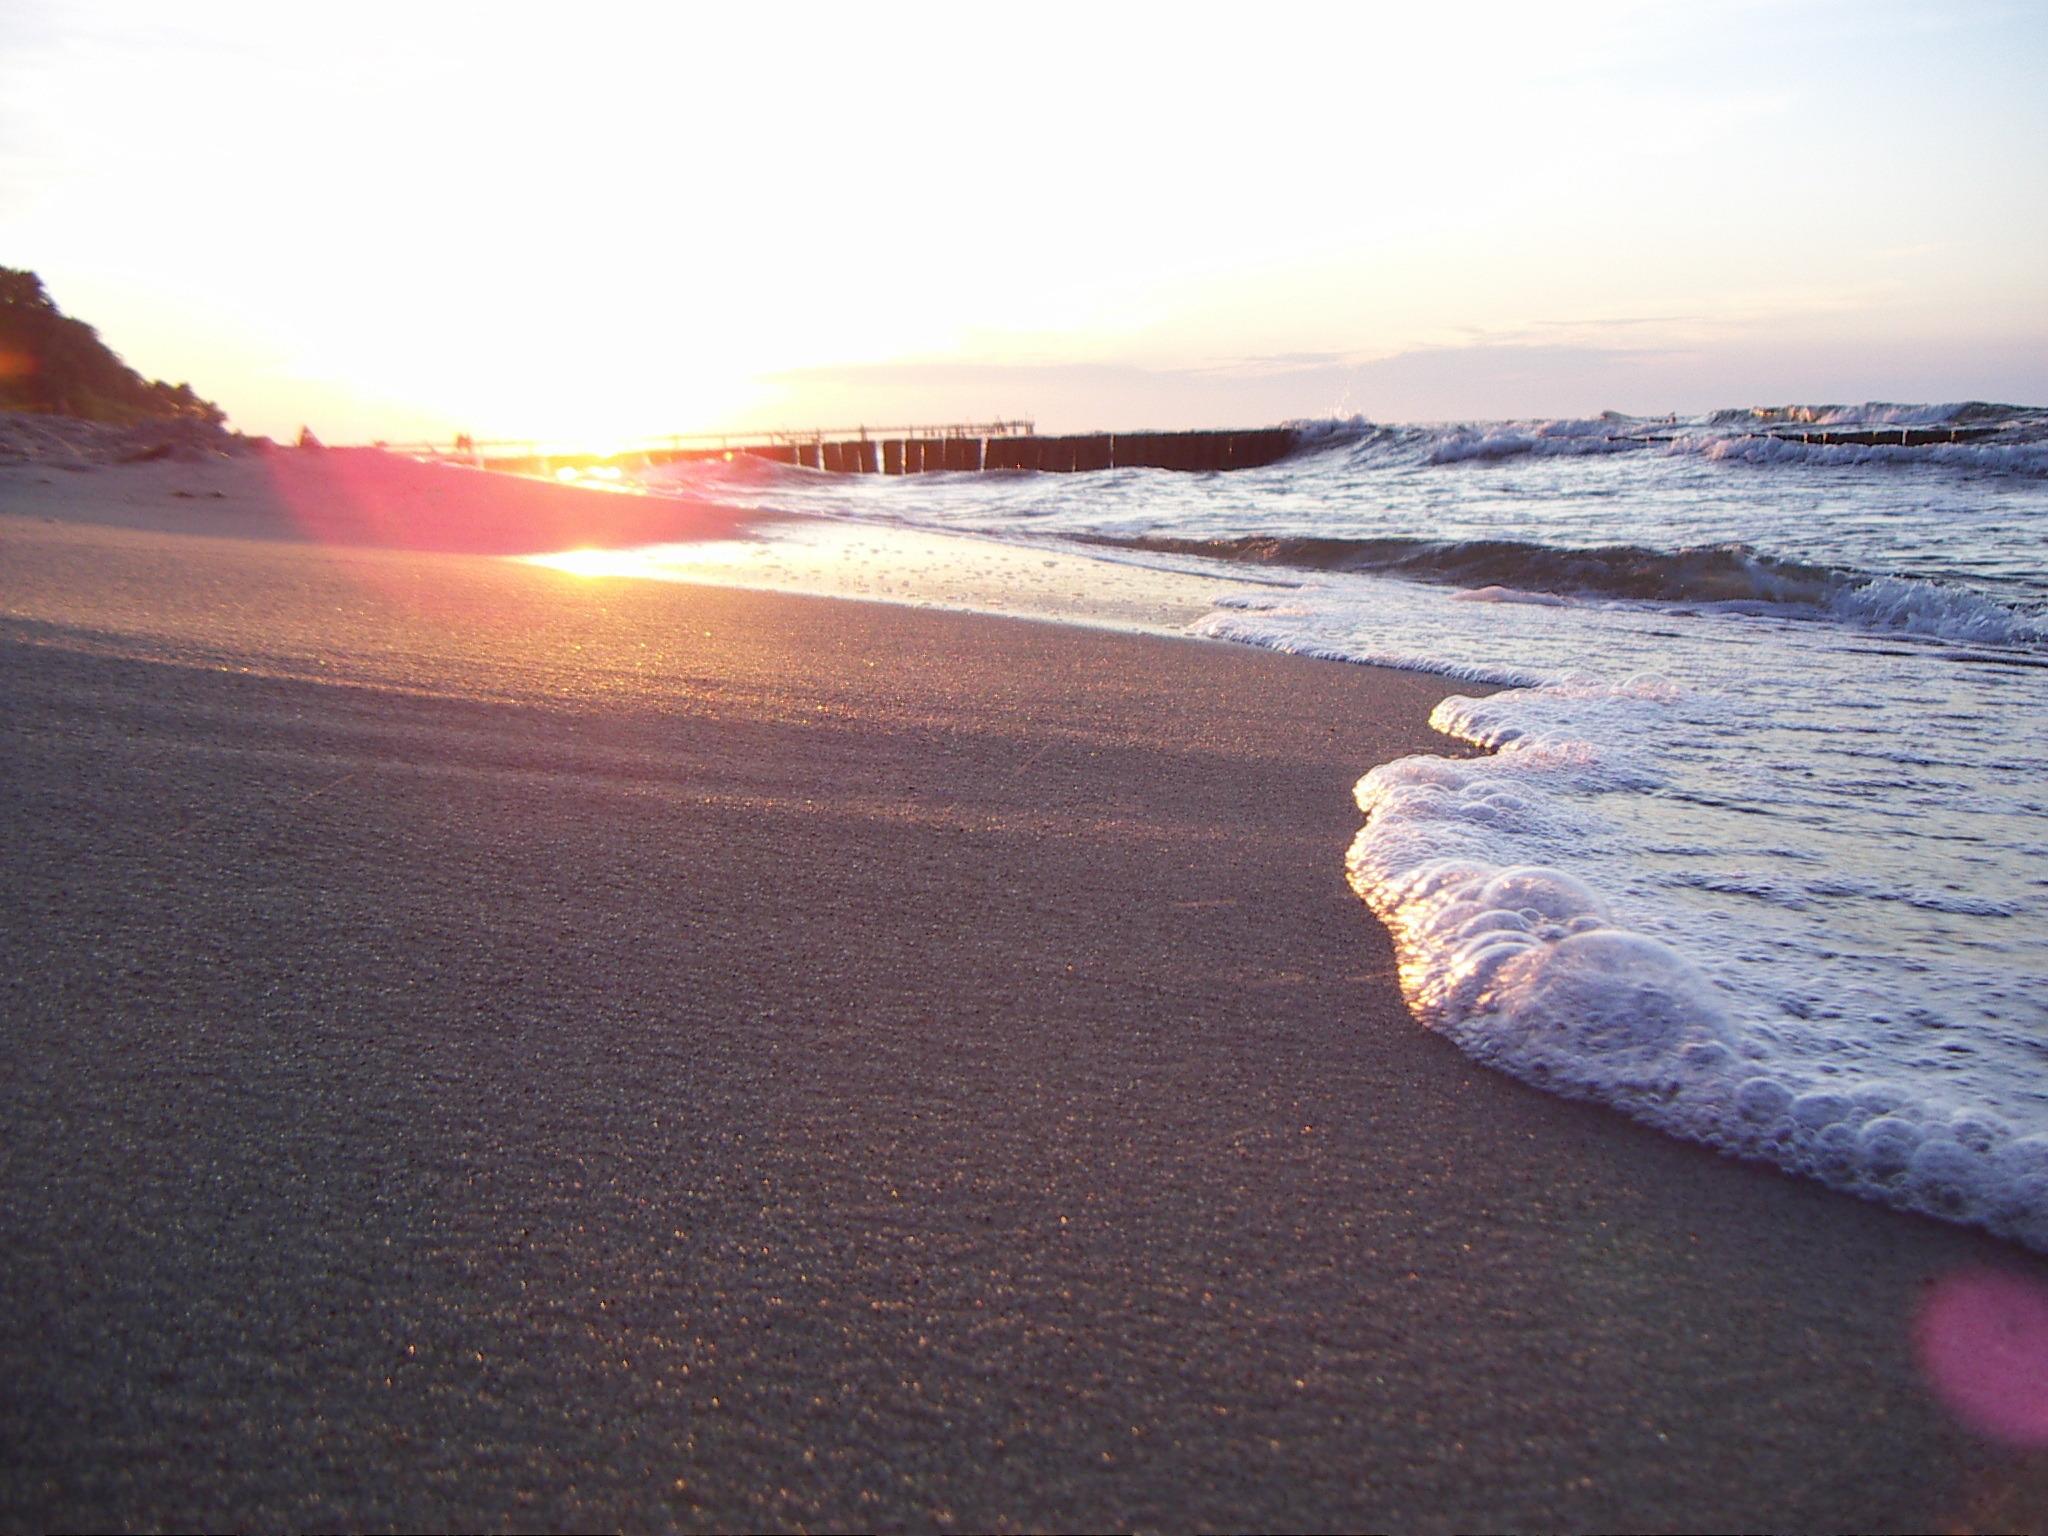 Картинки с песком около моря